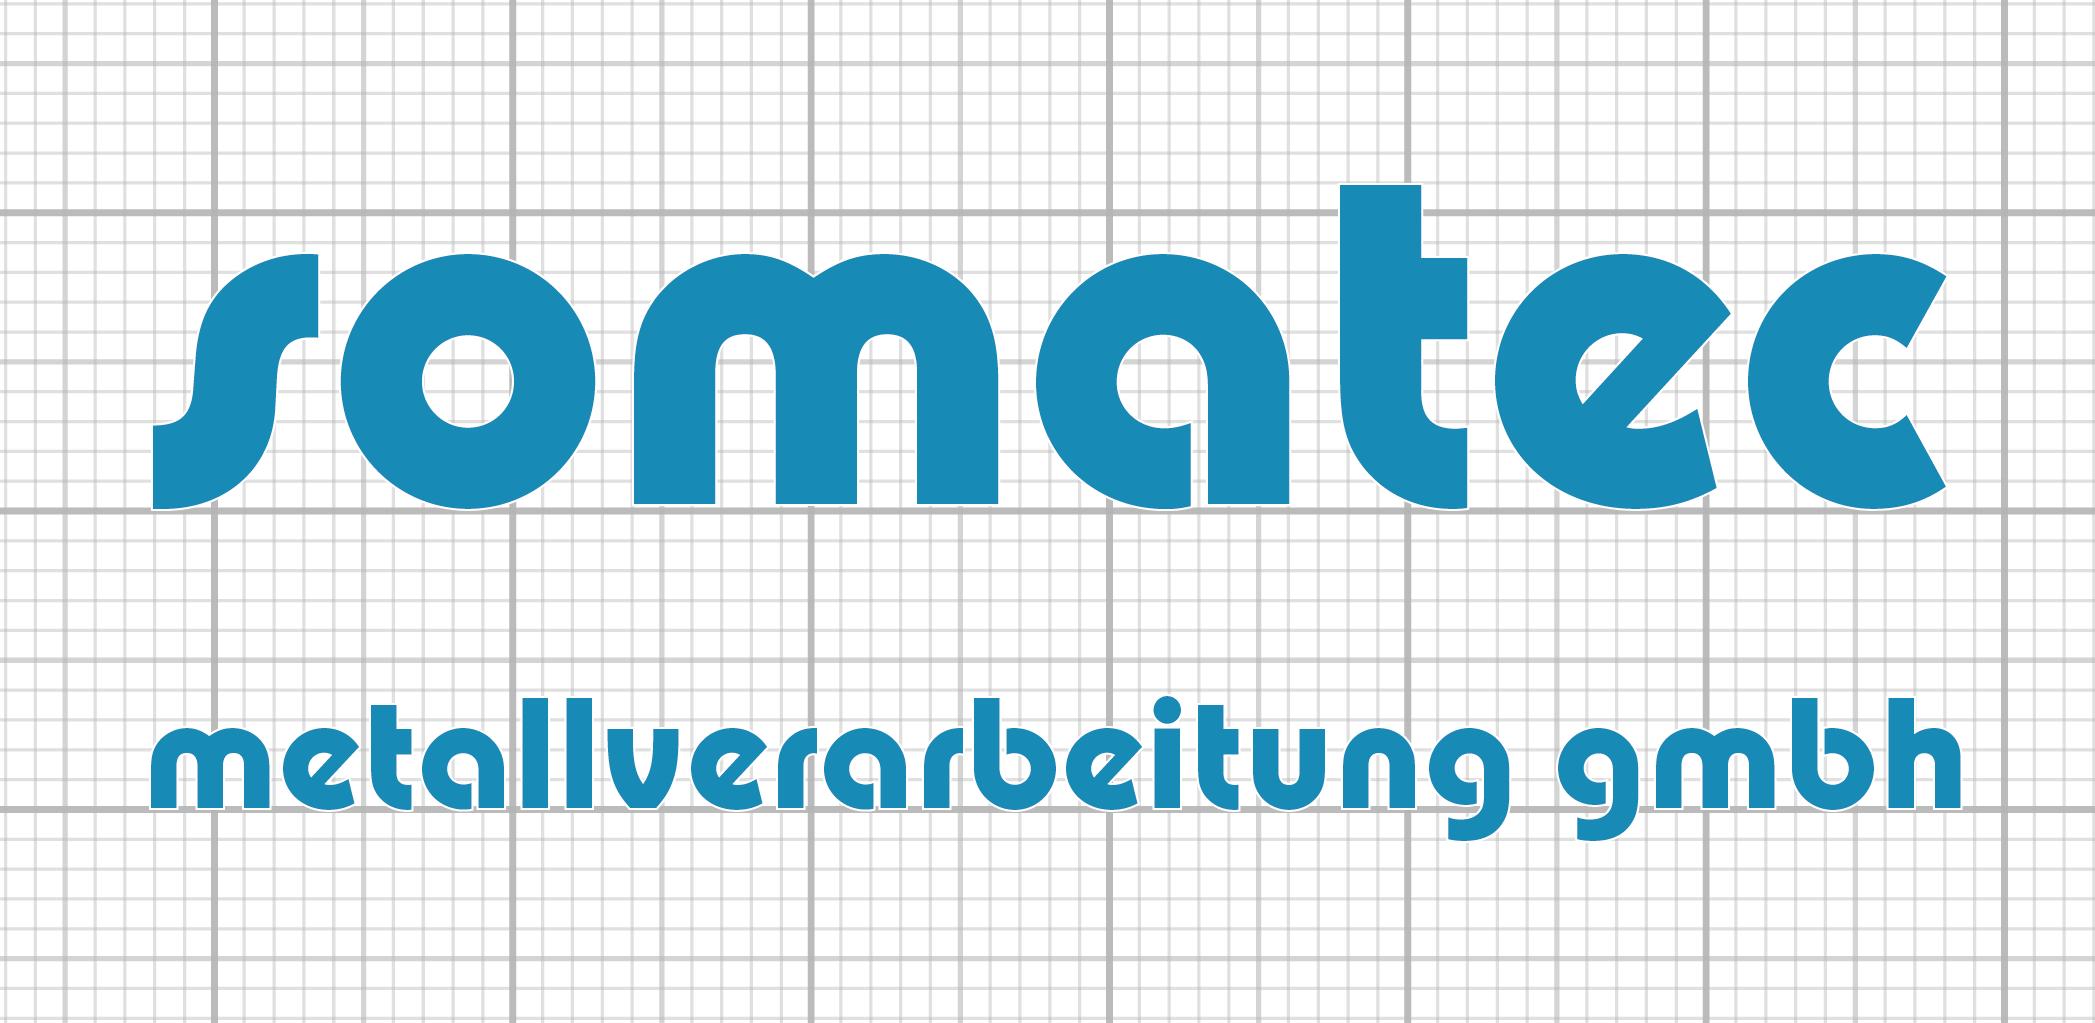 Somatec Metallverarbeitung GmbH